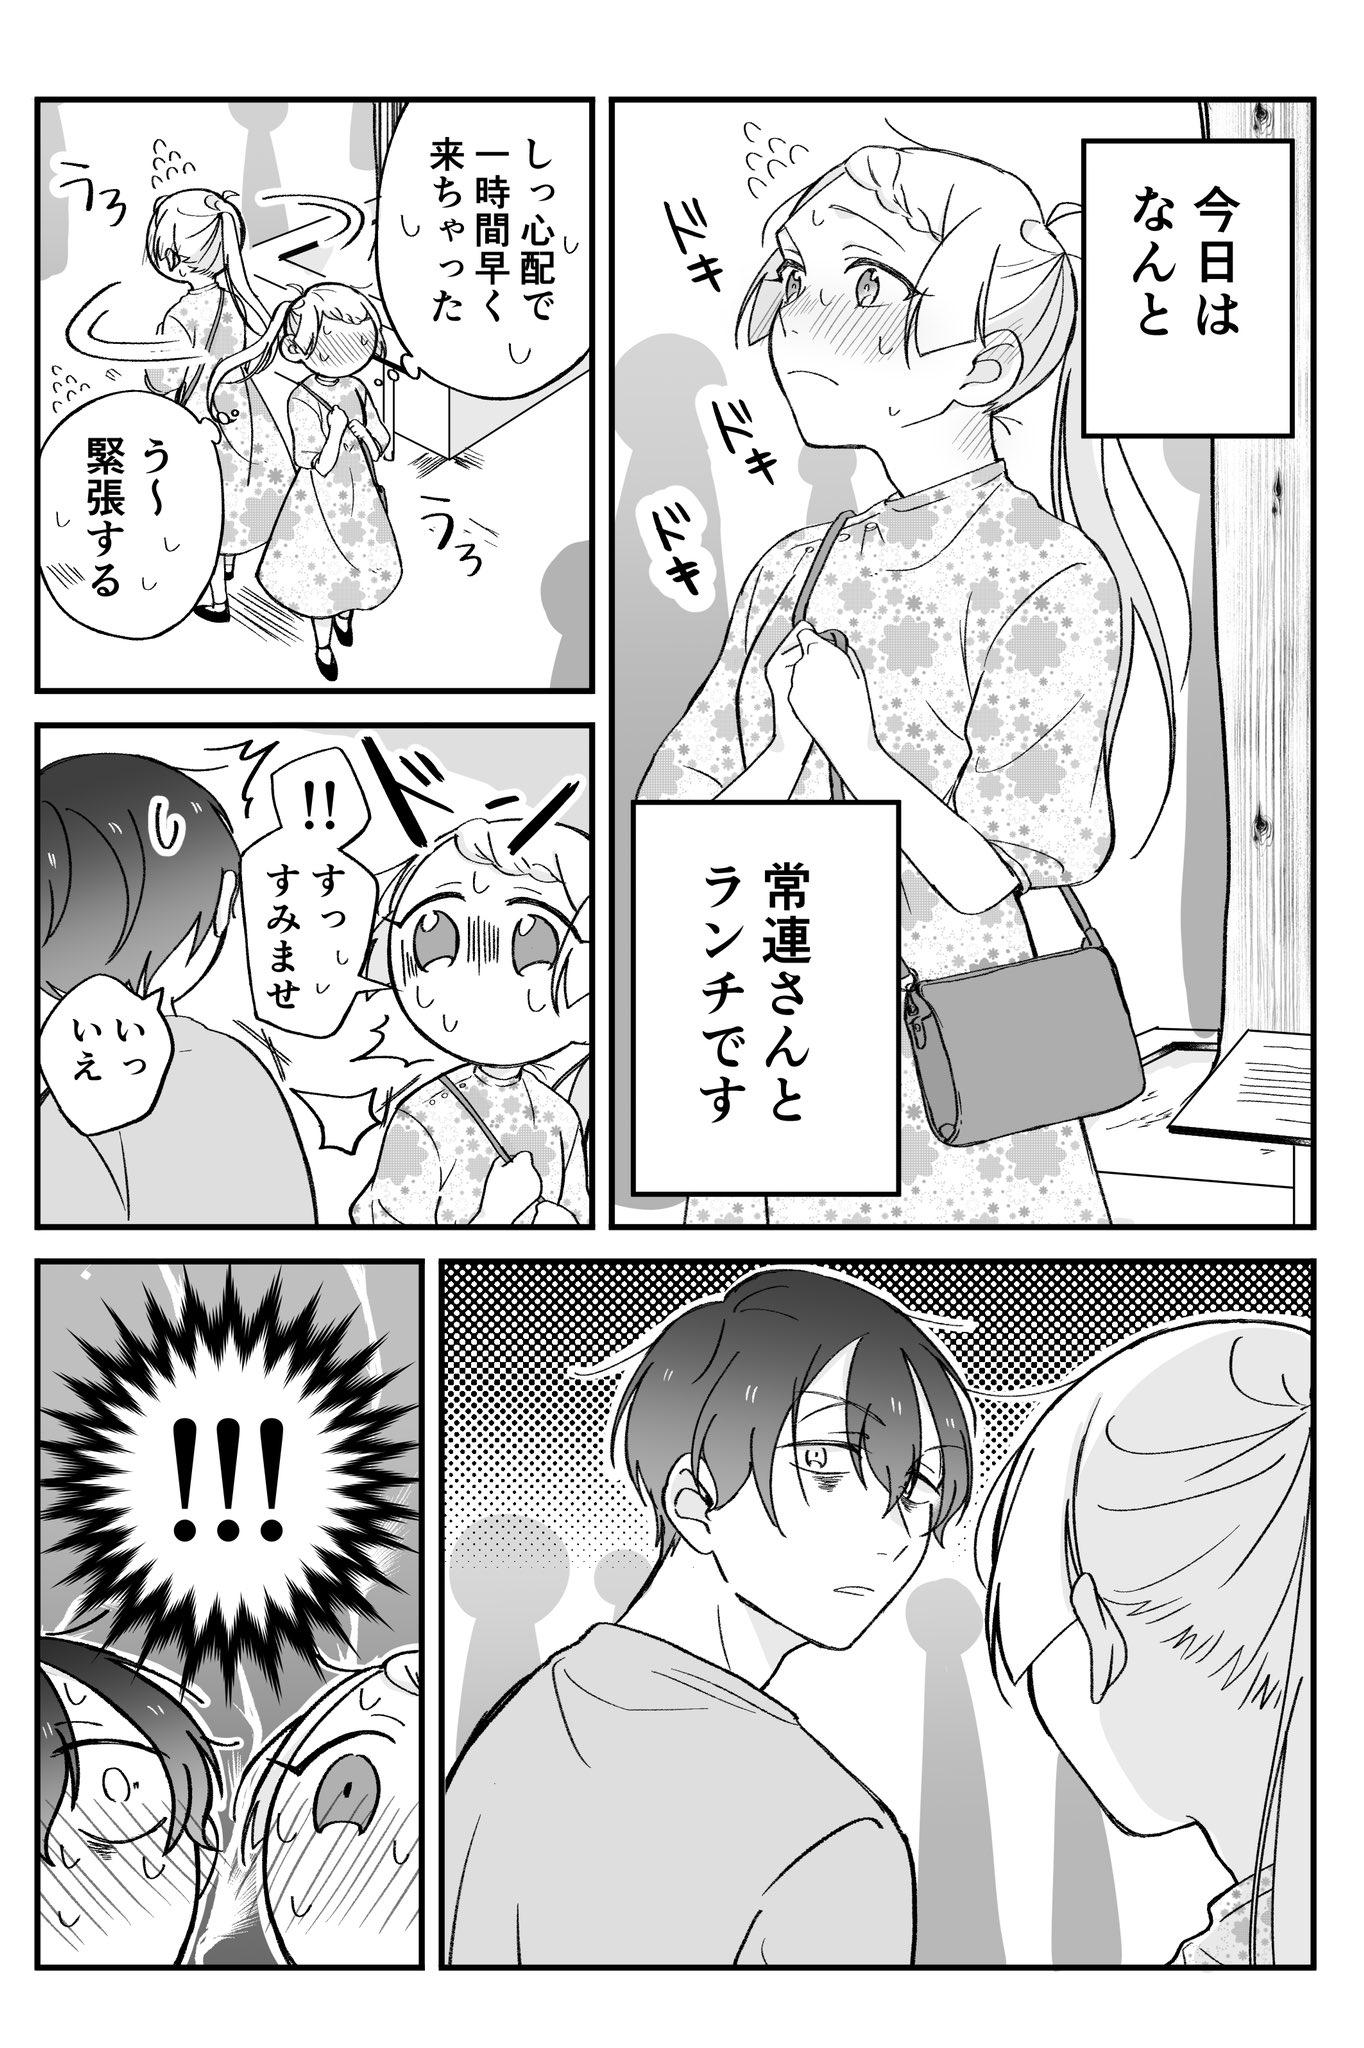 【創作漫画】とある店員と客の話5